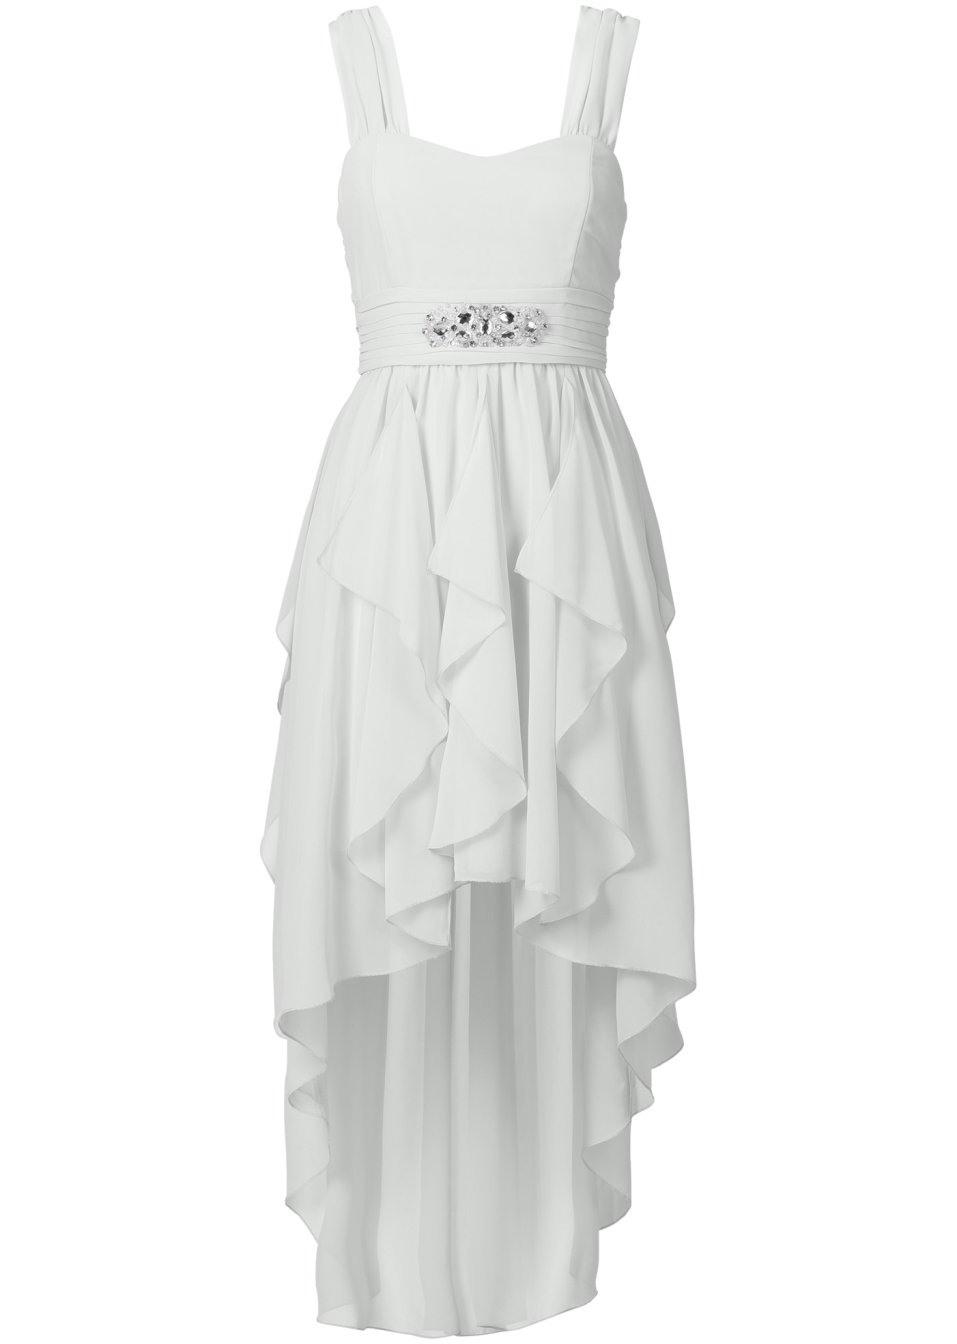 15 Einzigartig Weißes Abendkleid Günstig SpezialgebietDesigner Elegant Weißes Abendkleid Günstig für 2019